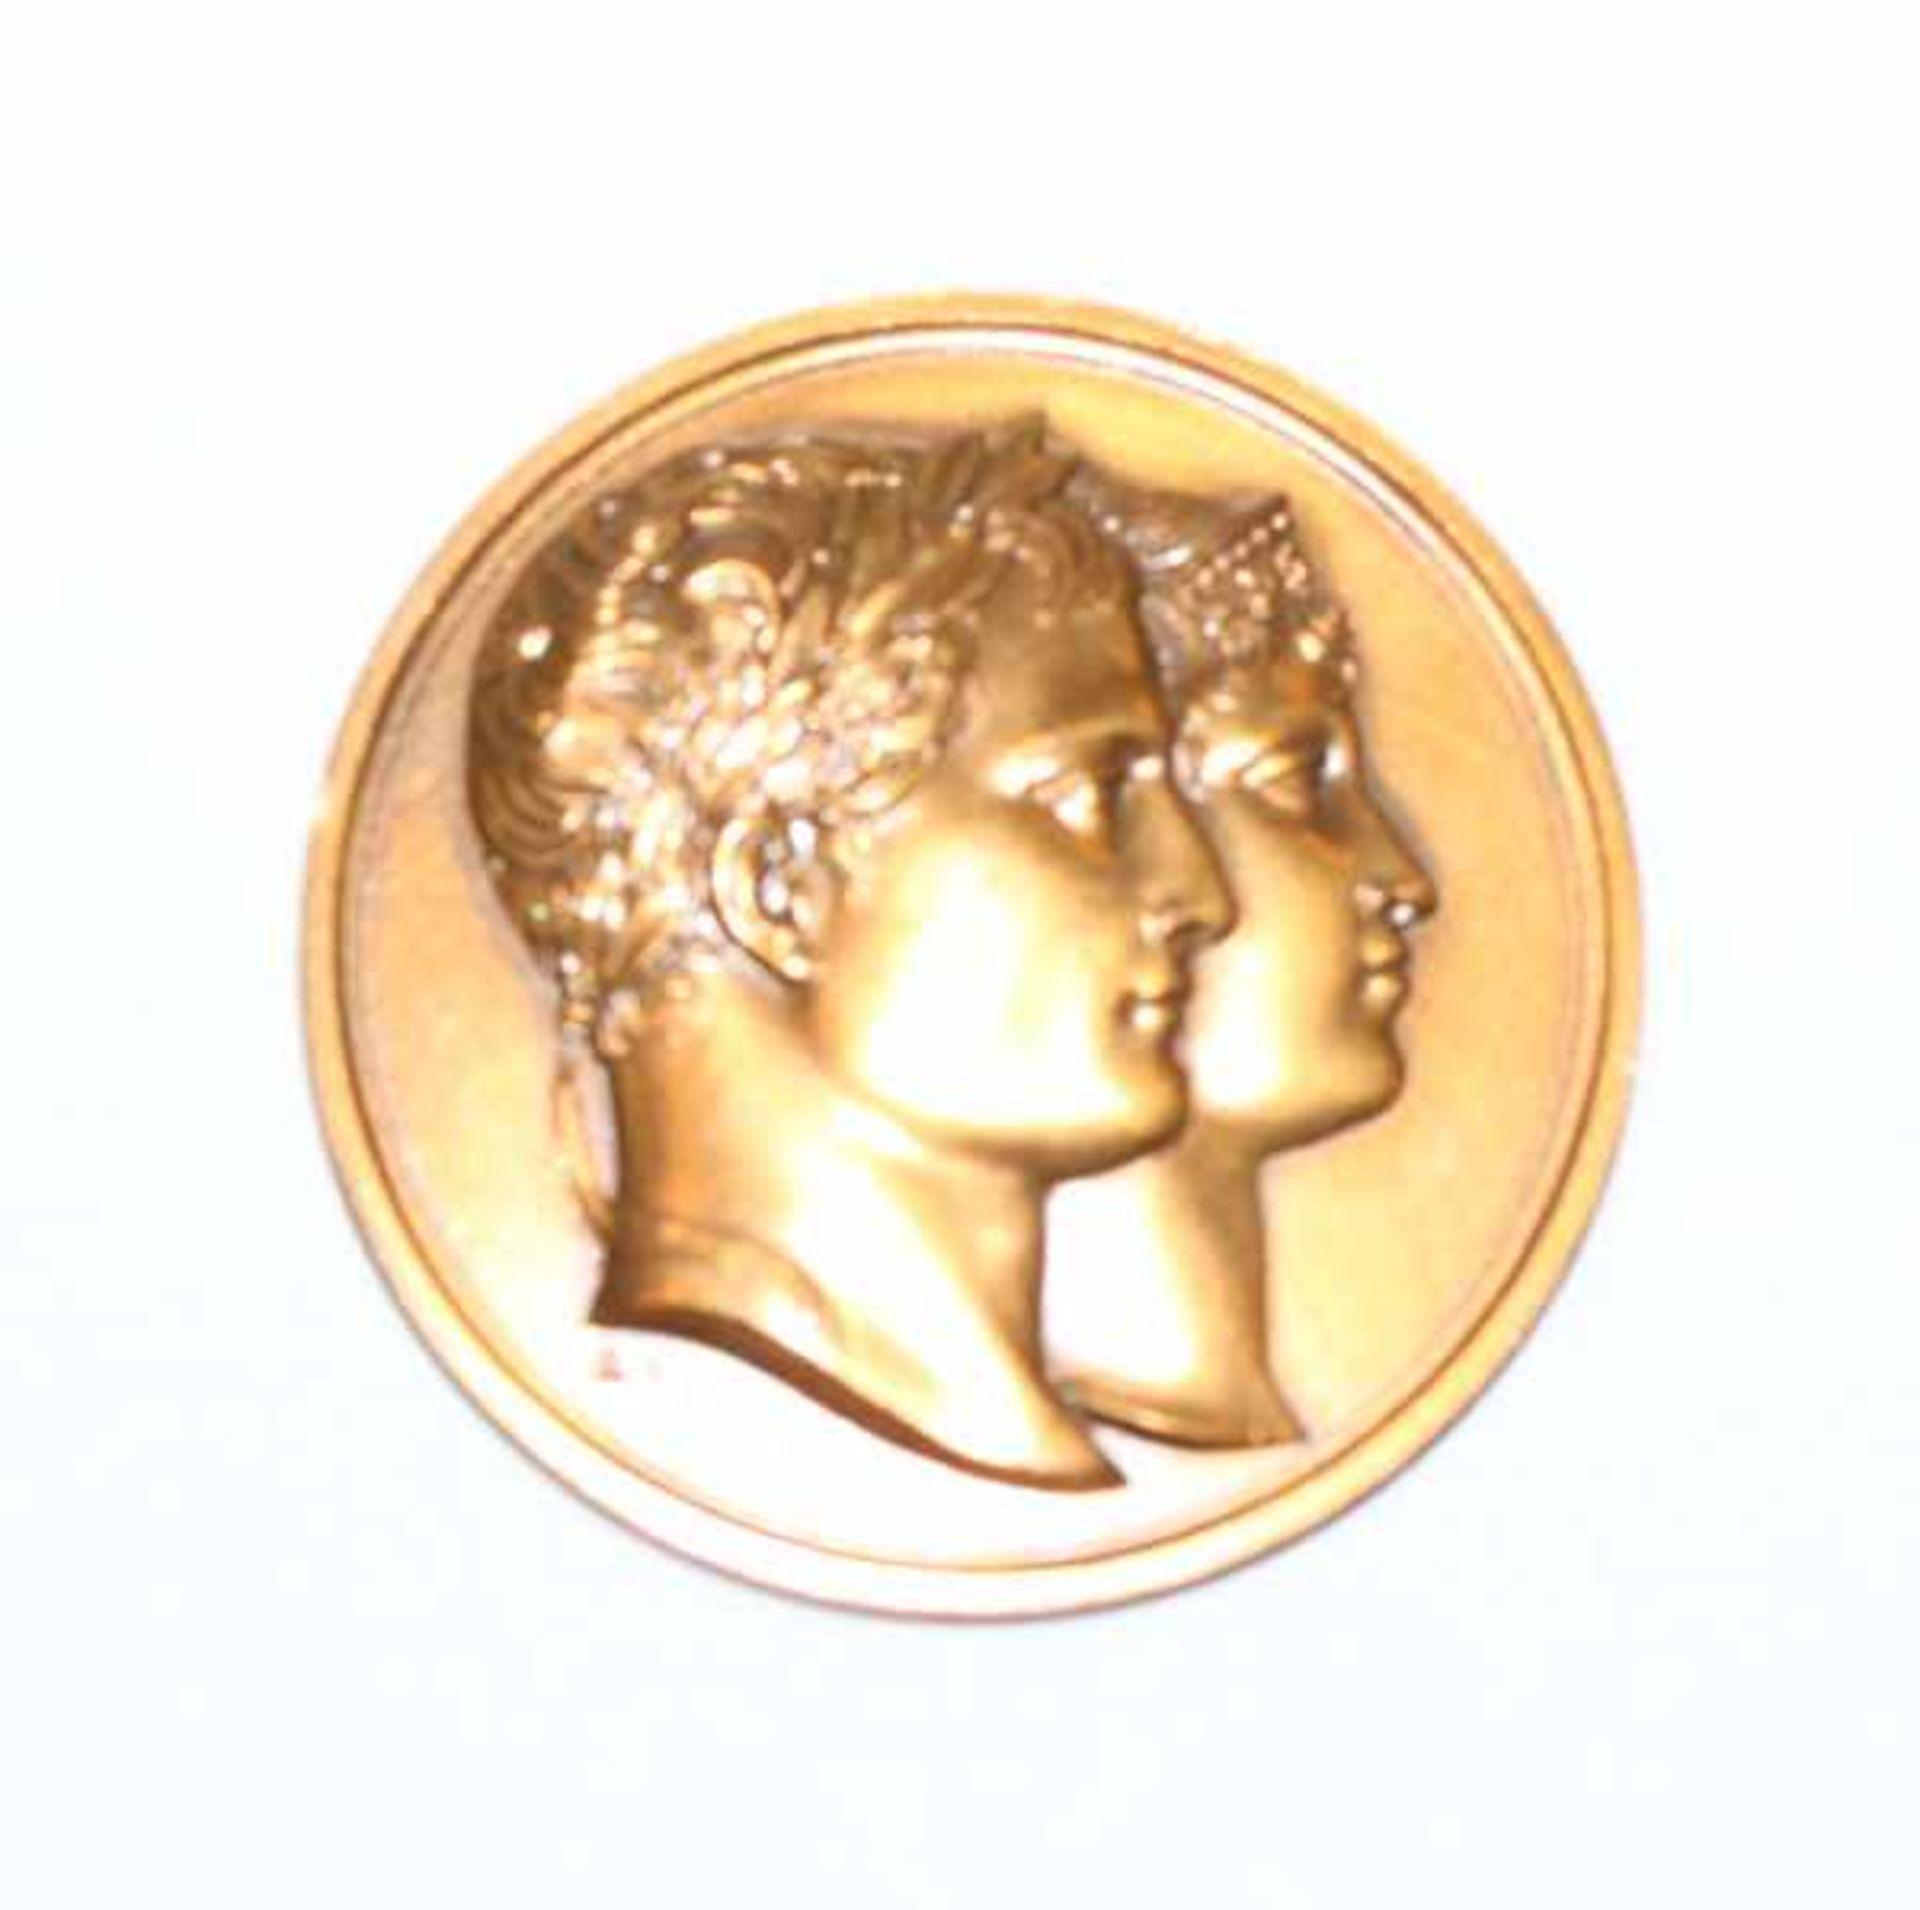 Los 105 - Napoleon Medaille zum Tod von Luise von Preußen, 1810, Bronze, in Originaletui